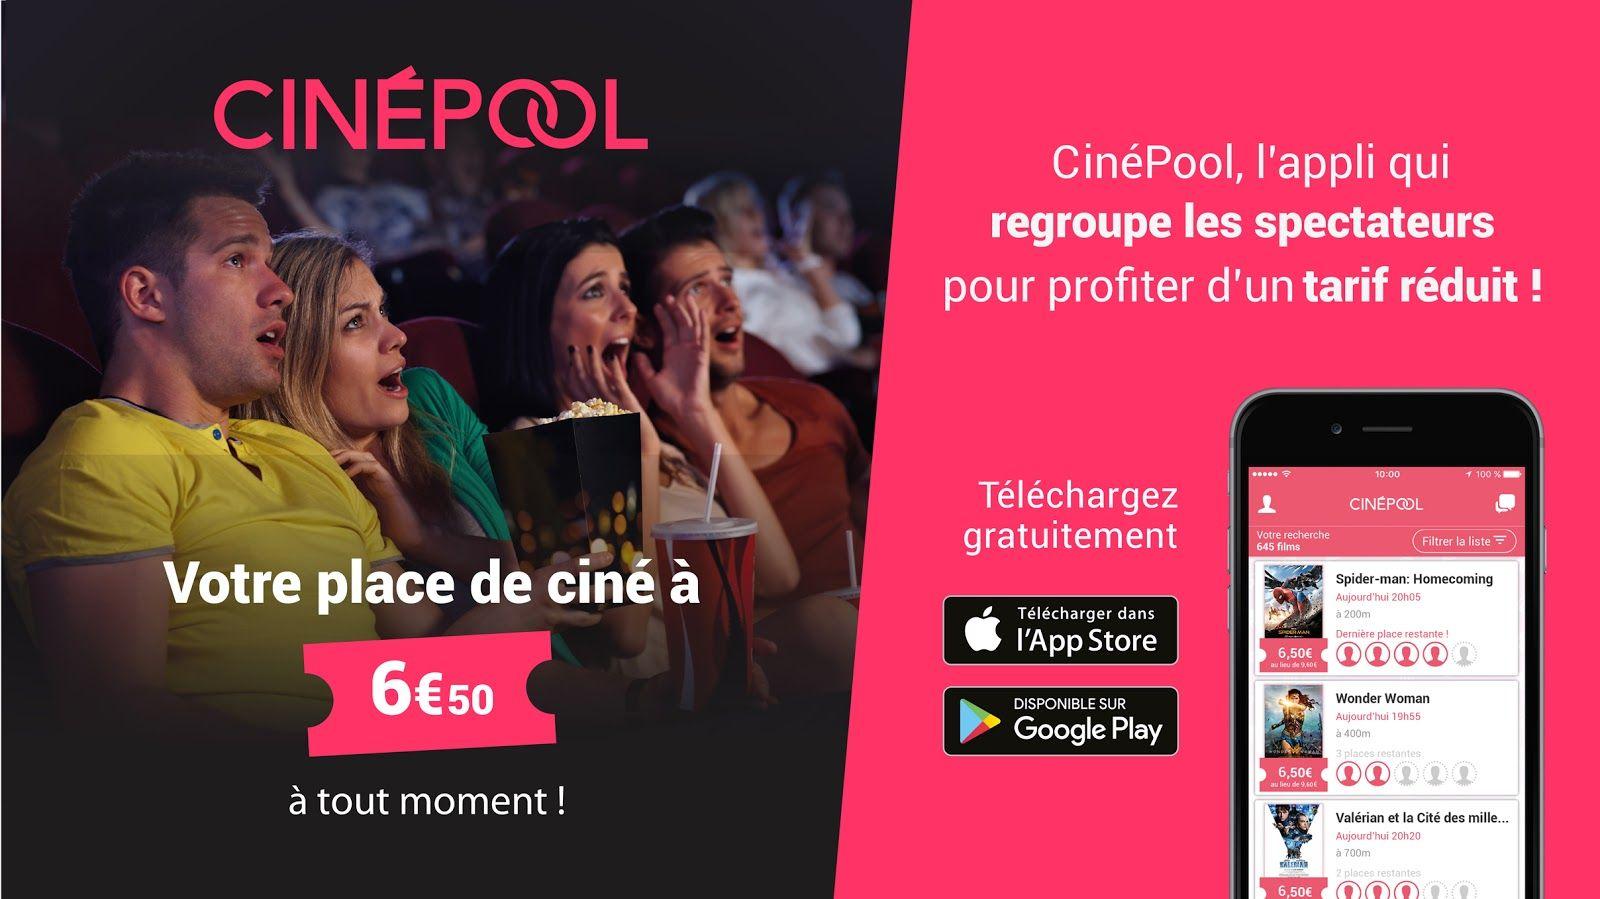 Les Bons Plans à Bordeaux : CinéPool s'associe au cinéma Mégarama de Bordeaux !